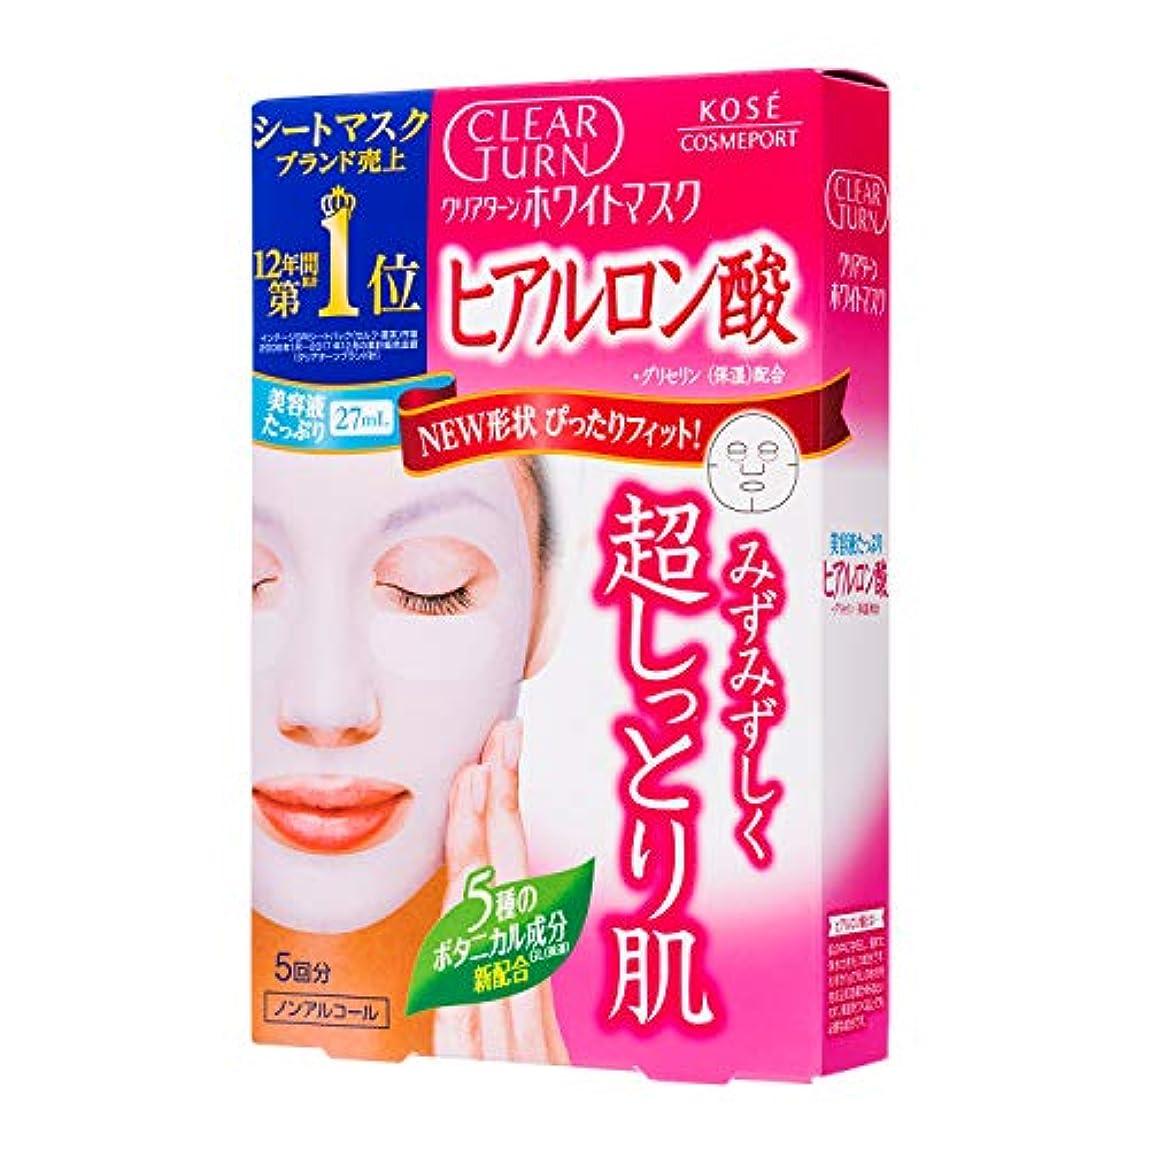 ナチュラル男性黙認するKOSE コーセー クリアターン ホワイト マスク HA (ヒアルロン酸) 5回分 (22mL×5)